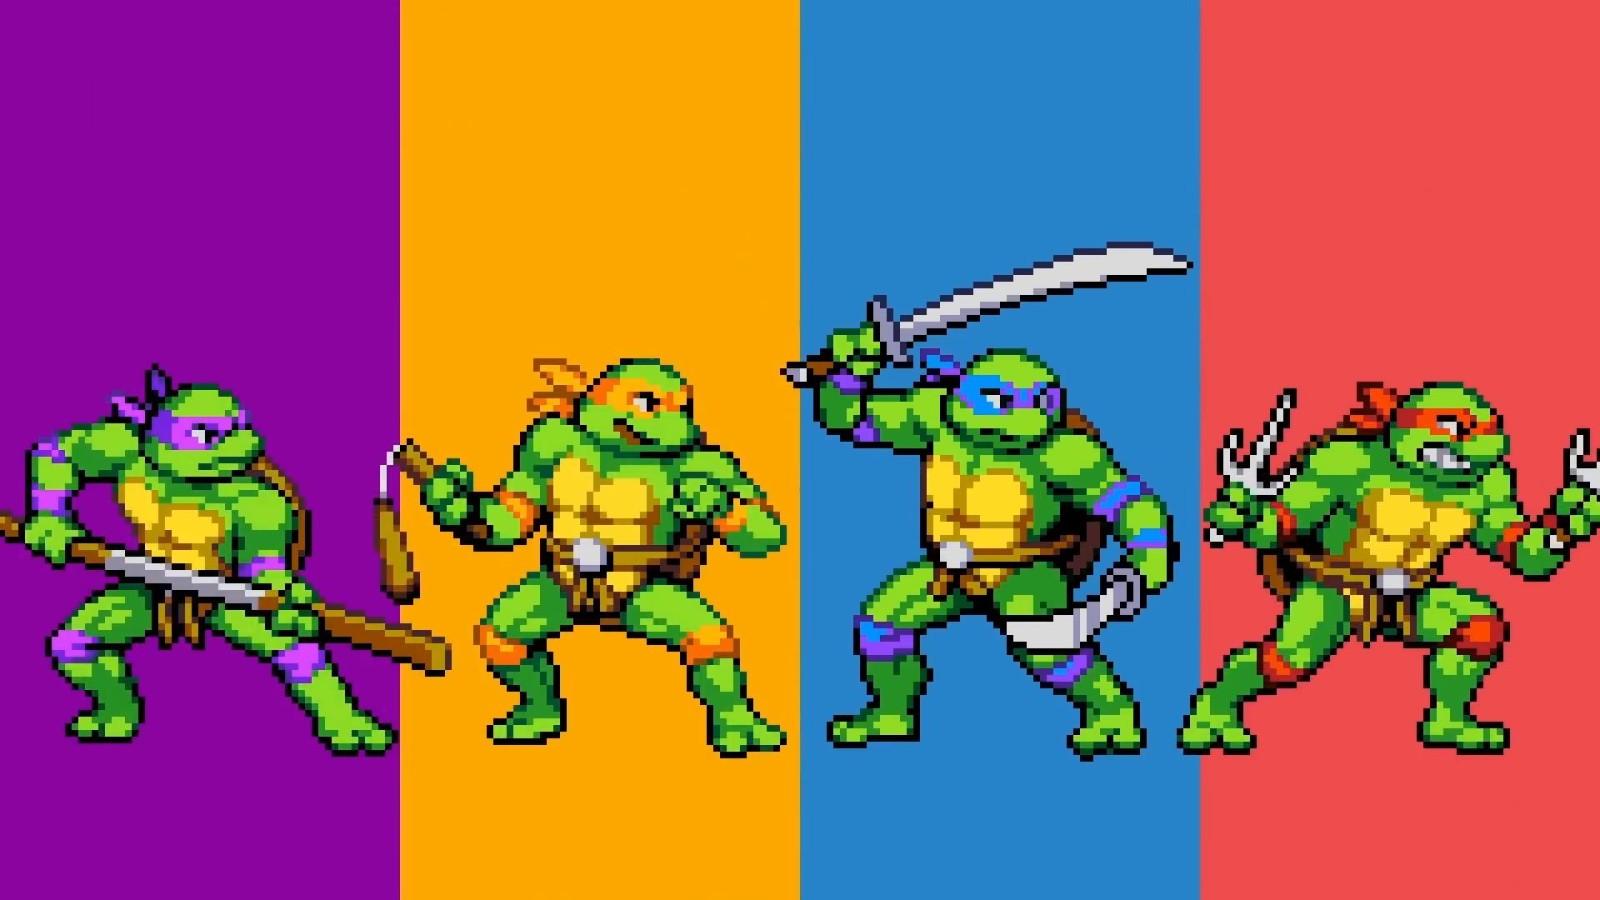 《忍者神龟:施莱德的复仇》将出席科隆展 展示全新内  第1张